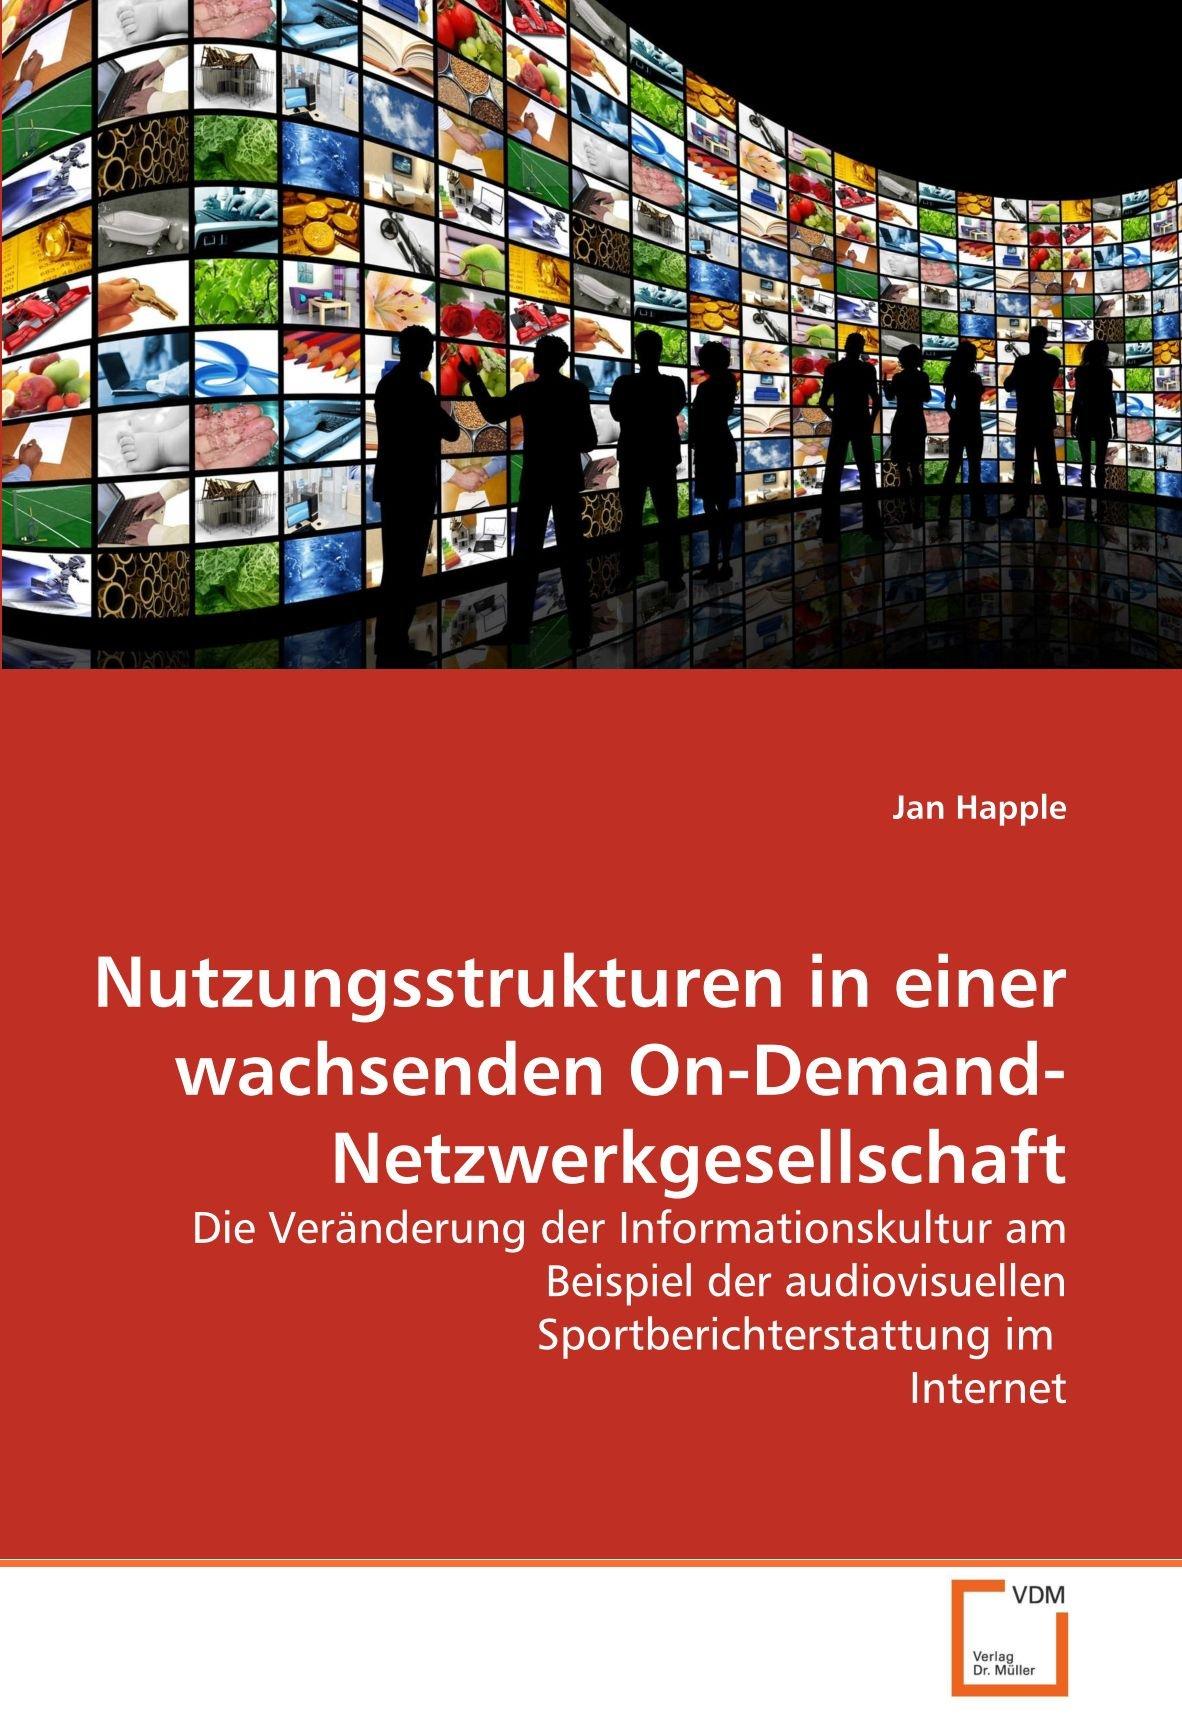 Nutzungsstrukturen in einer wachsenden On-Demand-Netzwerkgesellschaft: Die Veränderung der Informationskultur am Beispiel der audiovisuellen Sportberichterstattung im  Internet (German Edition) pdf epub